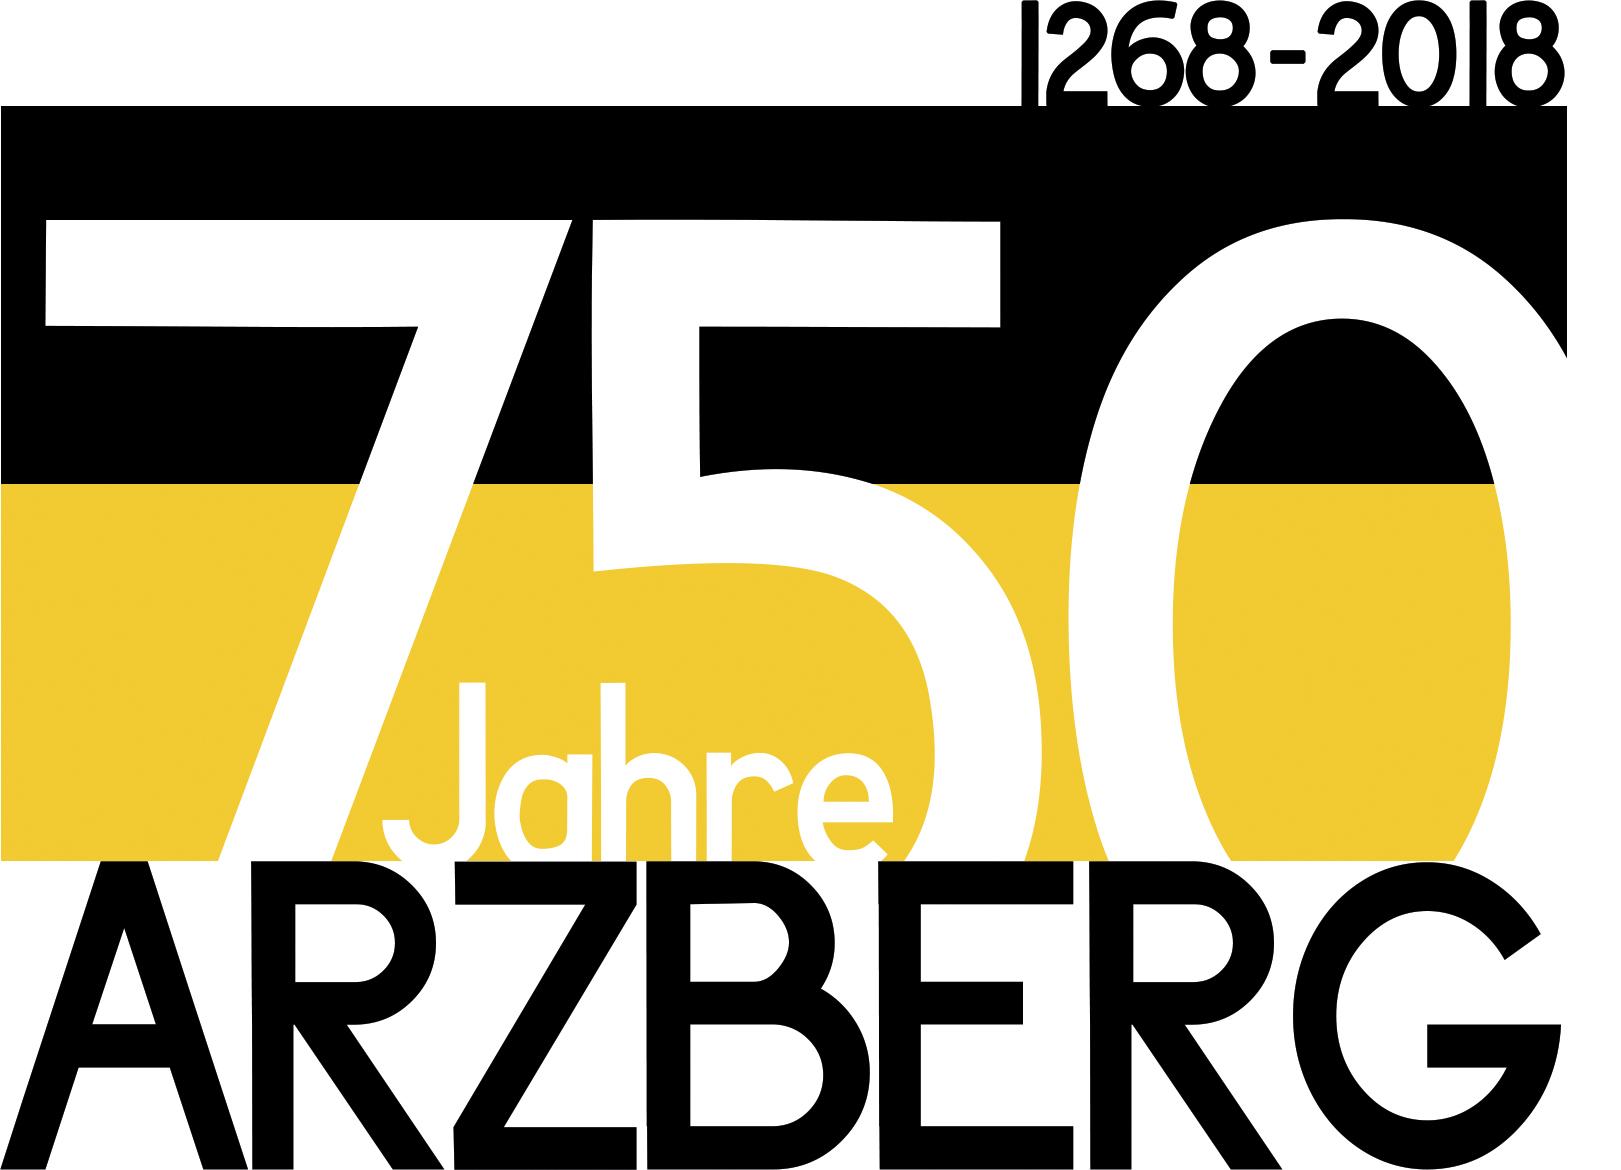 750 Jahre Arzberg